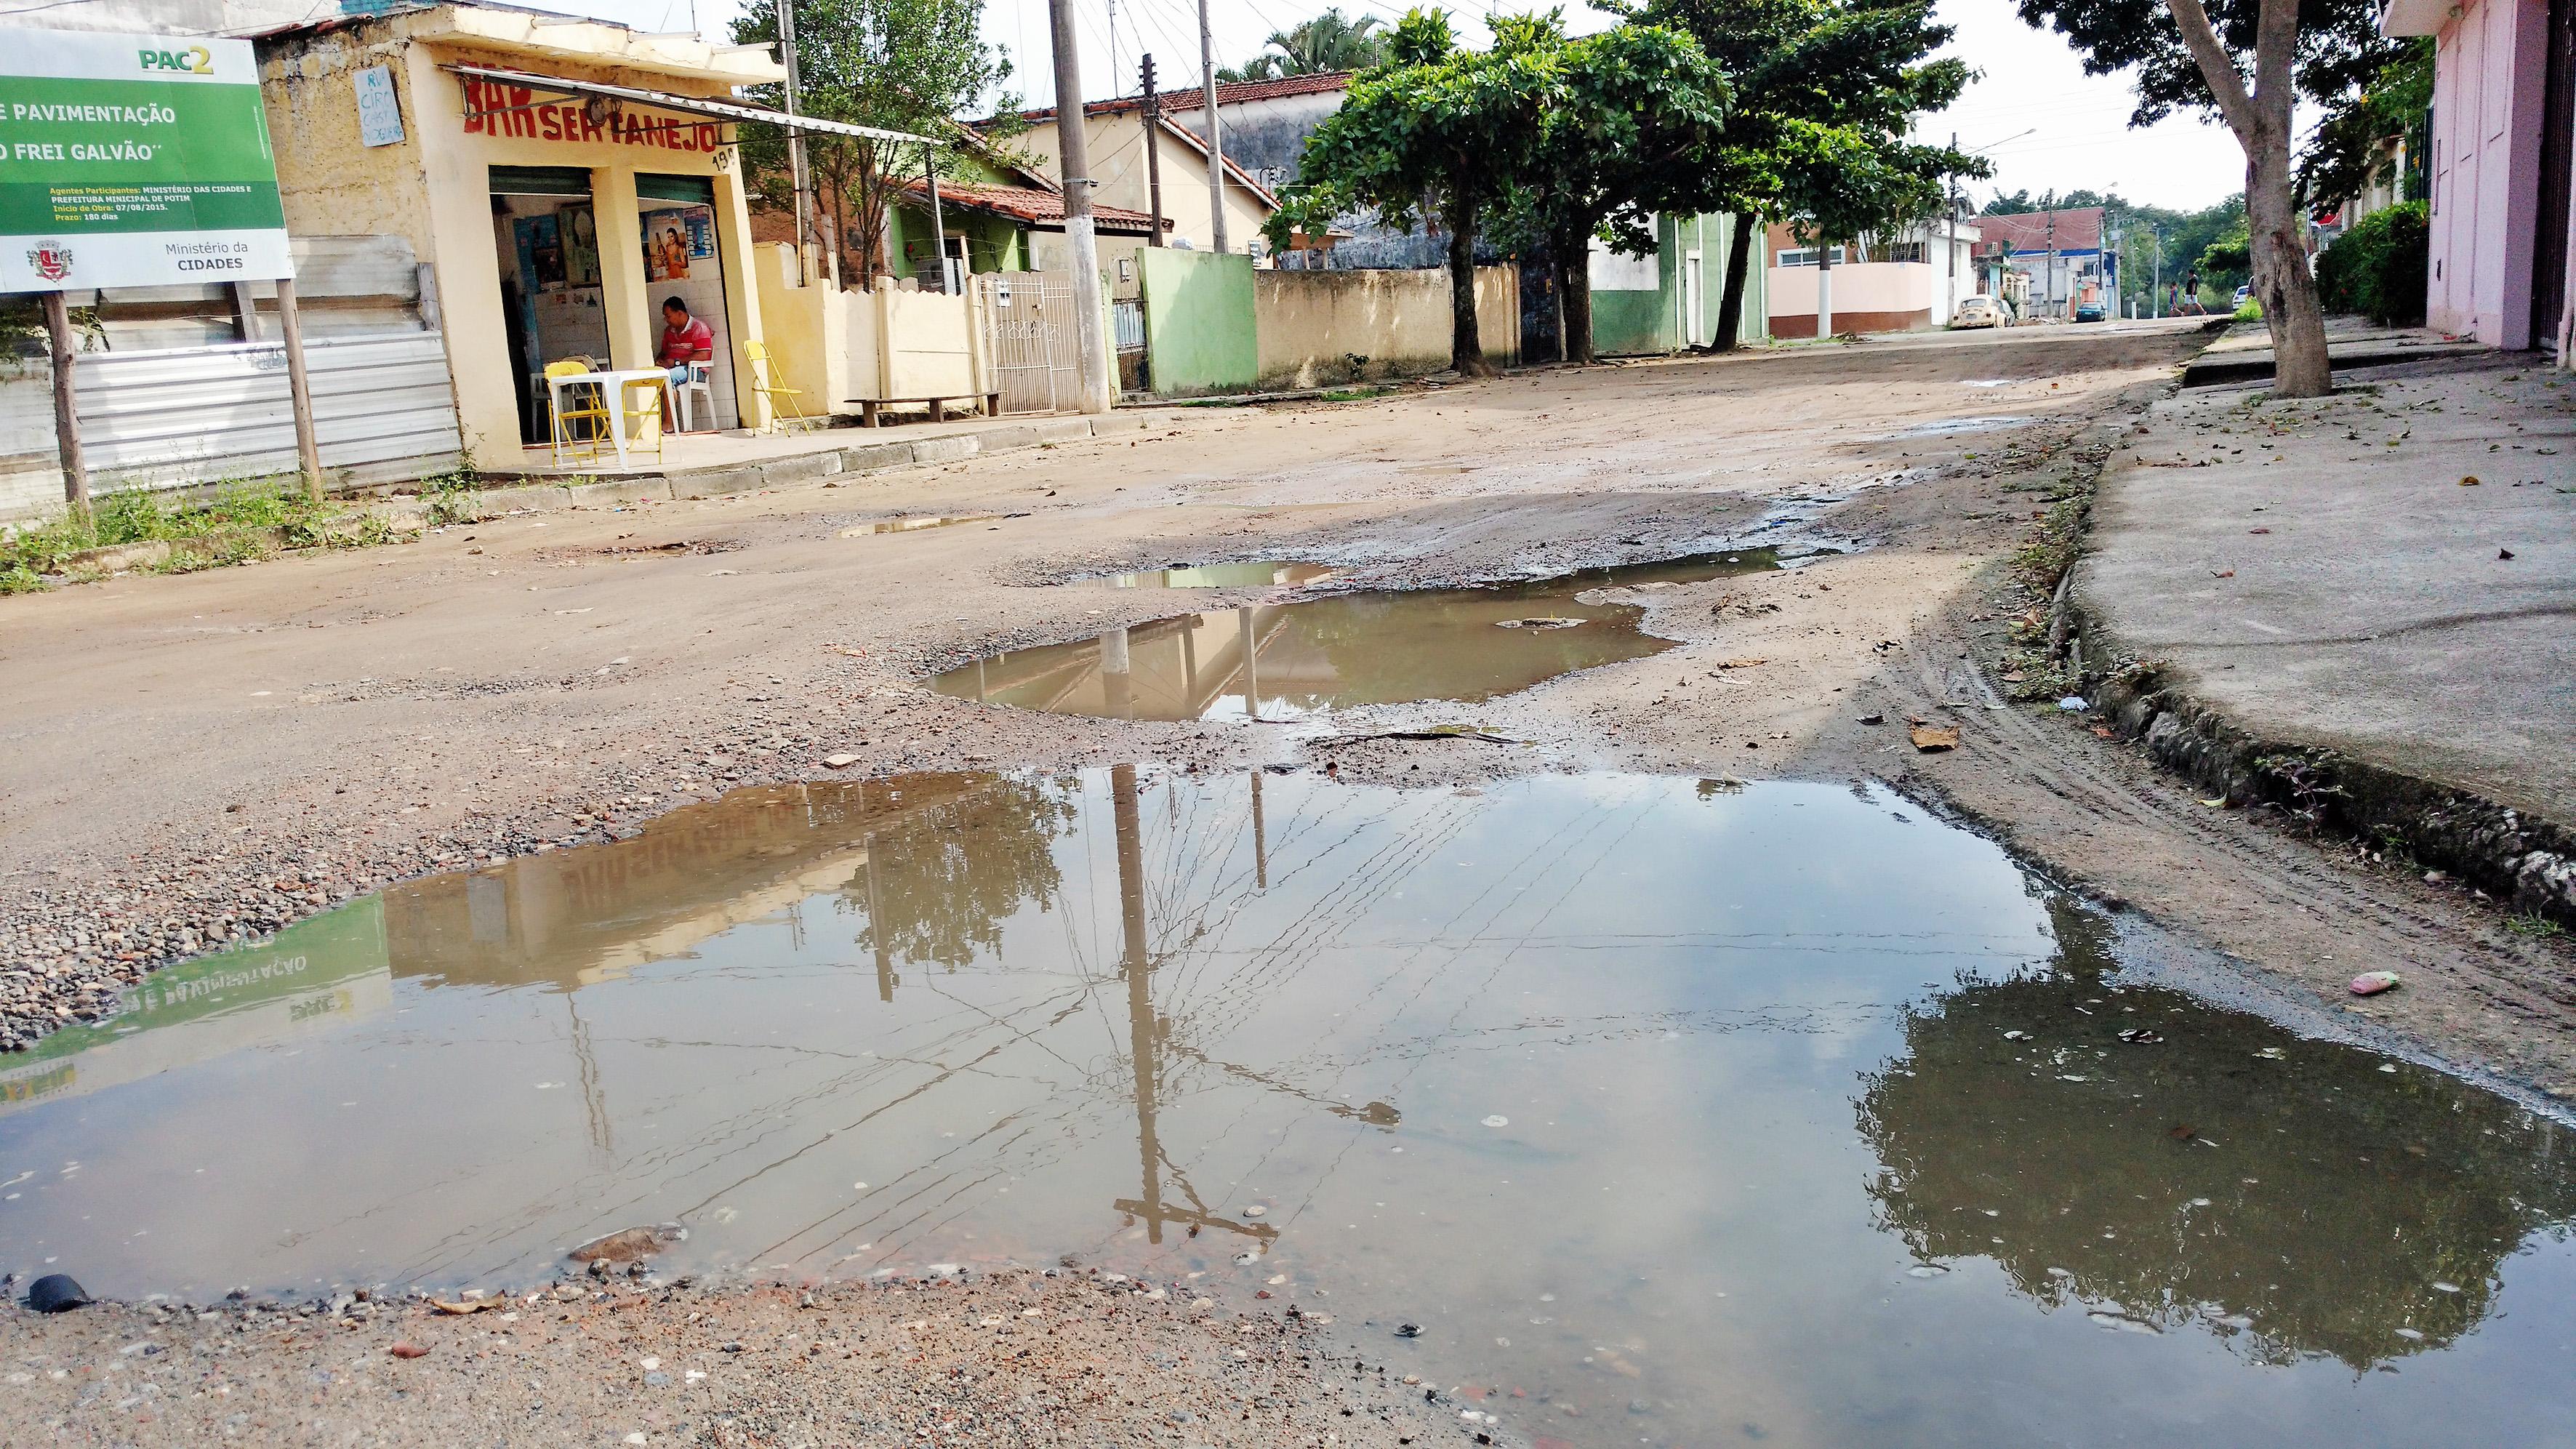 Placa (no alto, à esquerda) informa obra de pavimentação que nem mesmo foi iniciada em Potim; moradores cobram trabalhos da Prefeitura (Foto: Rafael Rodrigues)